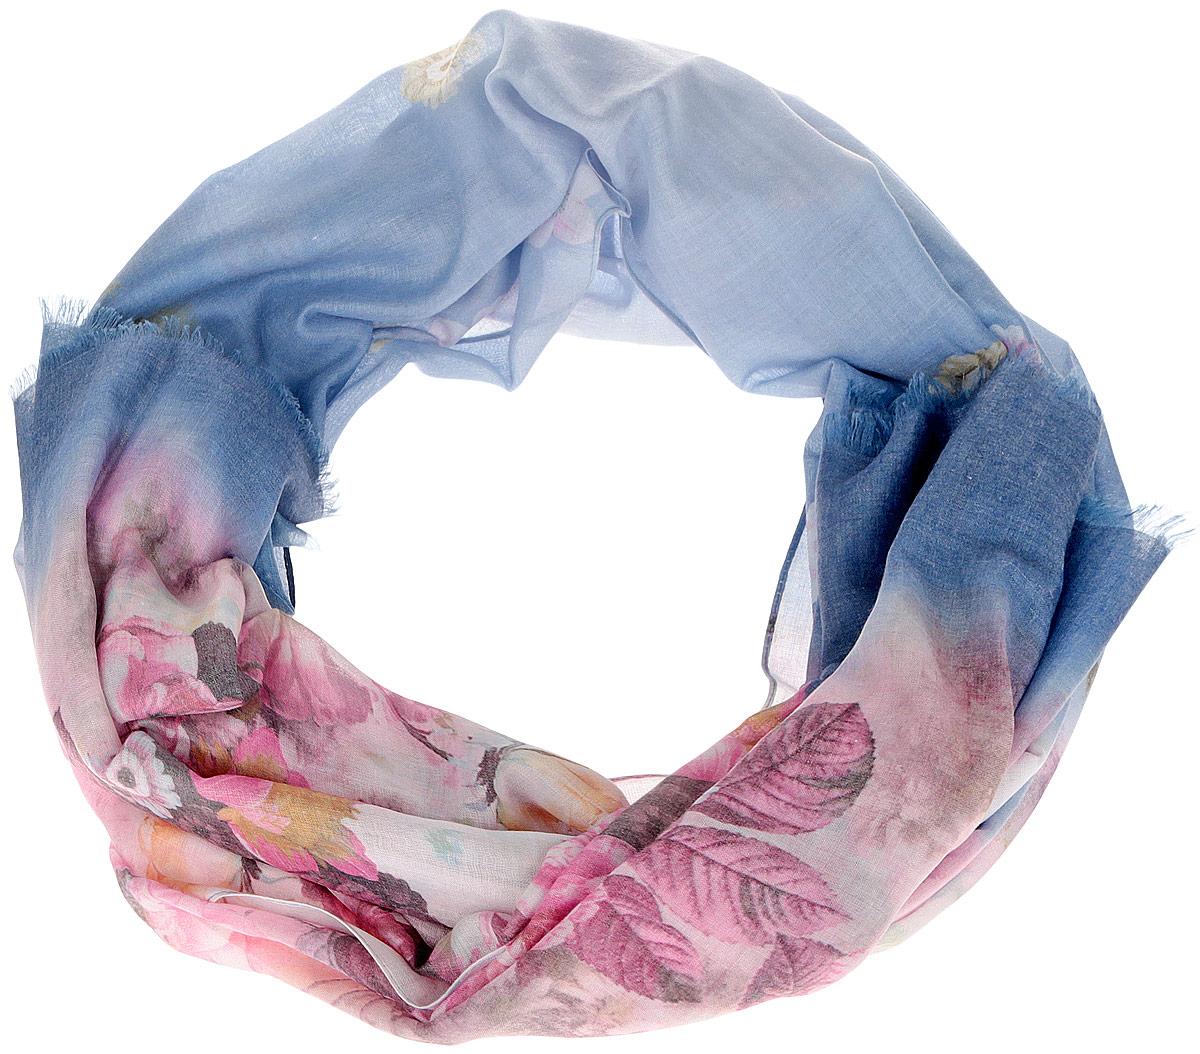 Шарф женский. F1537F1537-6Женский шарф Fabretti позволит вам создать неповторимый и запоминающийся образ. Благодаря своему составу, в который входят модал и вискоза, он легкий, мягкий и приятный на ощупь, хорошо пропускает воздух. Изделие оформлено цветочным принтом и украшено по краям бахромой. Такой аксессуар станет стильным дополнением к гардеробу современной женщины, а также подарит ощущение комфорта и уюта.